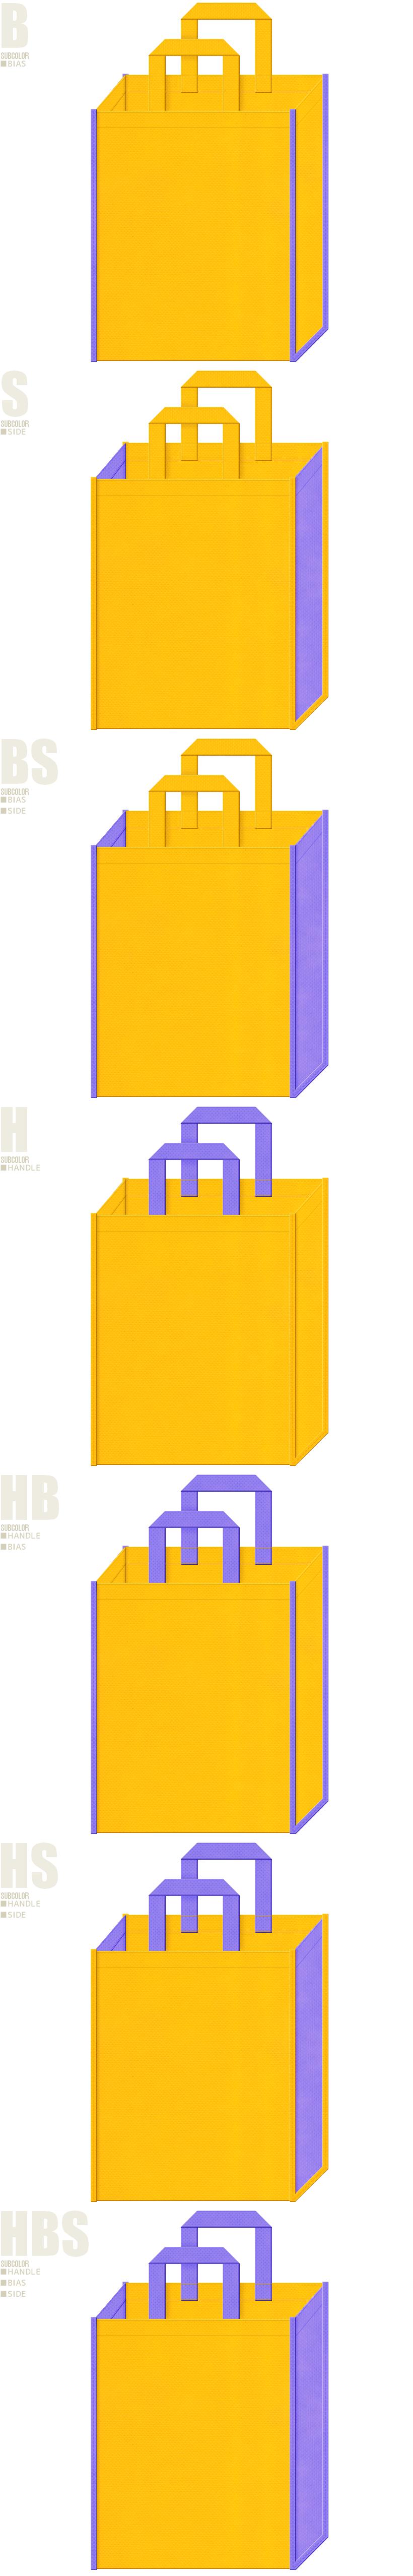 おもちゃ・絵本・おとぎ話・楽団・ゲーム・テーマパーク・キッズイベントにお奨めの不織布バッグデザイン:黄色と薄紫色の配色7パターン